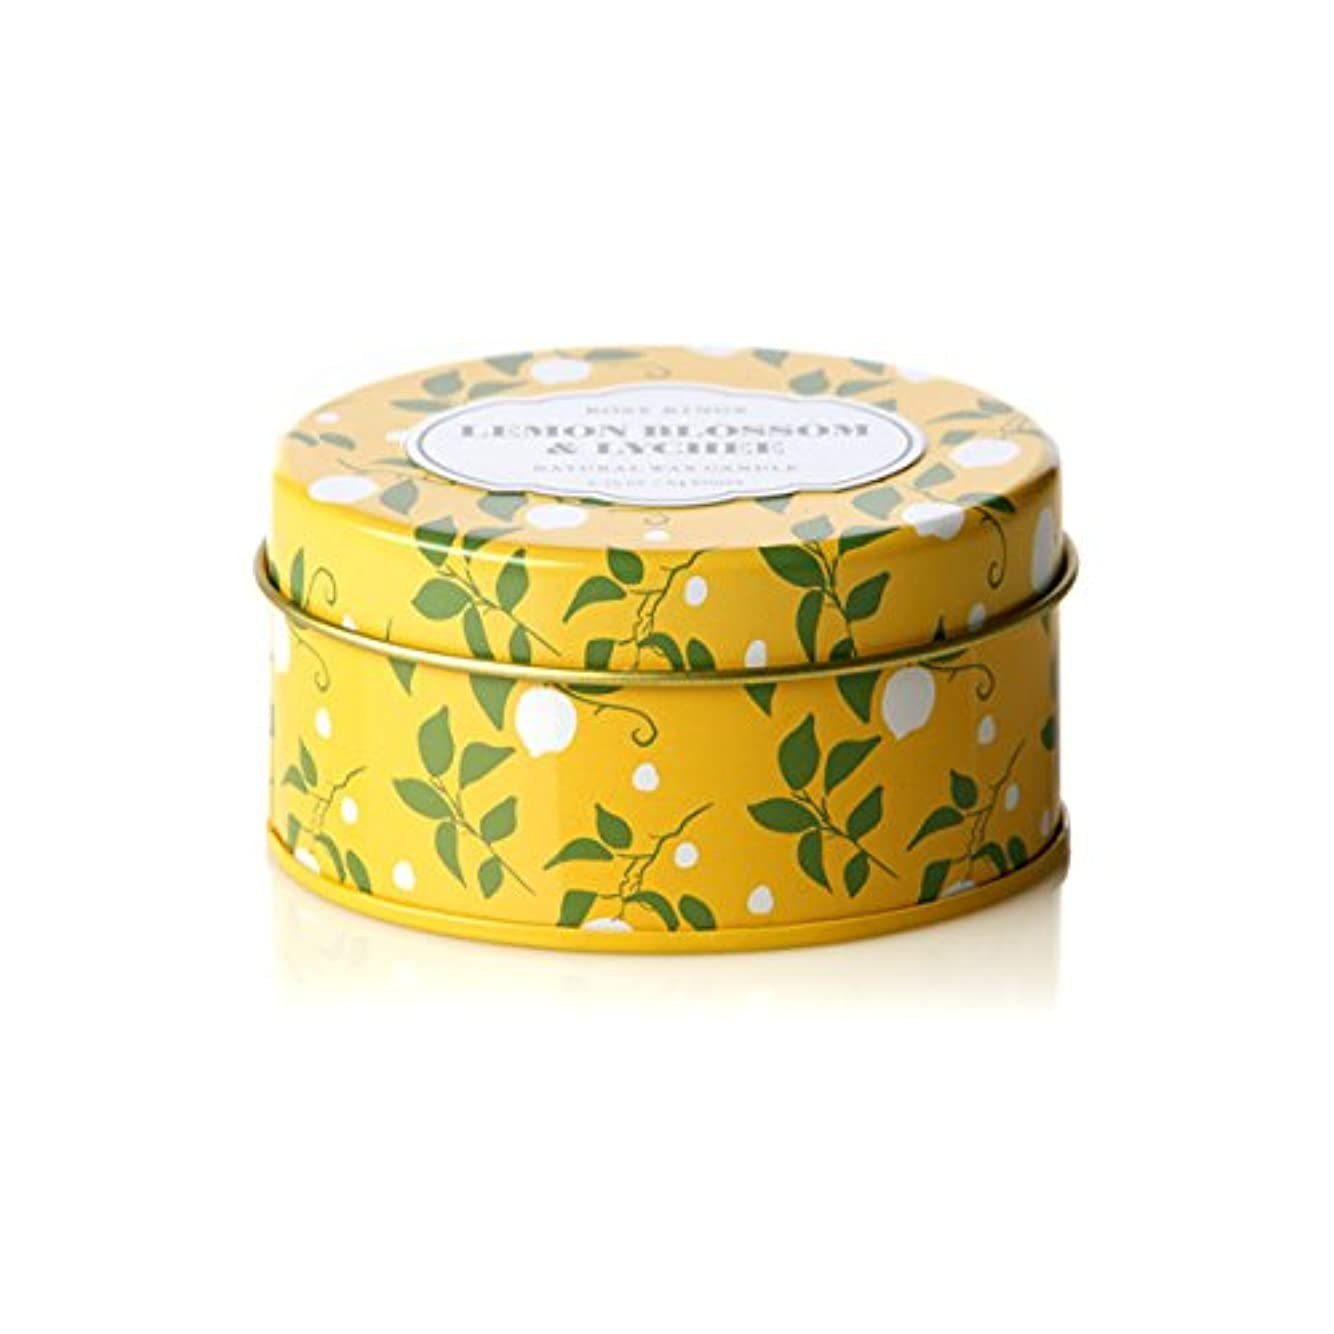 トランクライブラリ変形するインドロージーリングス トラベルティンキャンドル レモンブロッサム&ライチ ROSY RINGS Lemon Blossom & Lychee Travel Tin